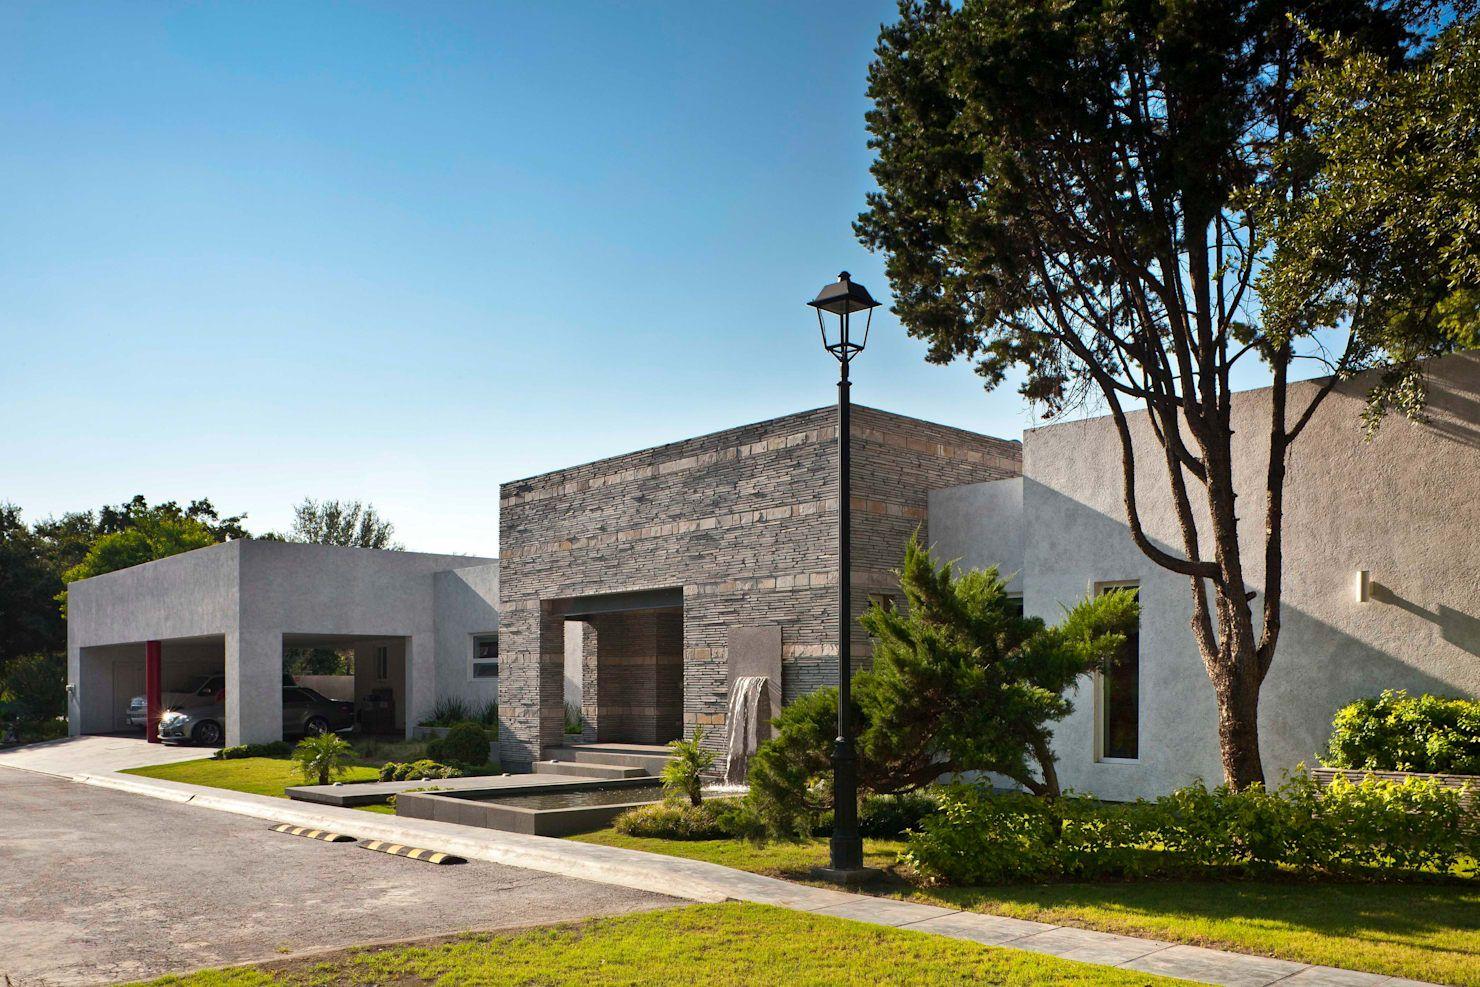 10 Casas De Una Sola Planta Espectaculares Homify Casas En Planta Baja Casas De Un Piso Casas